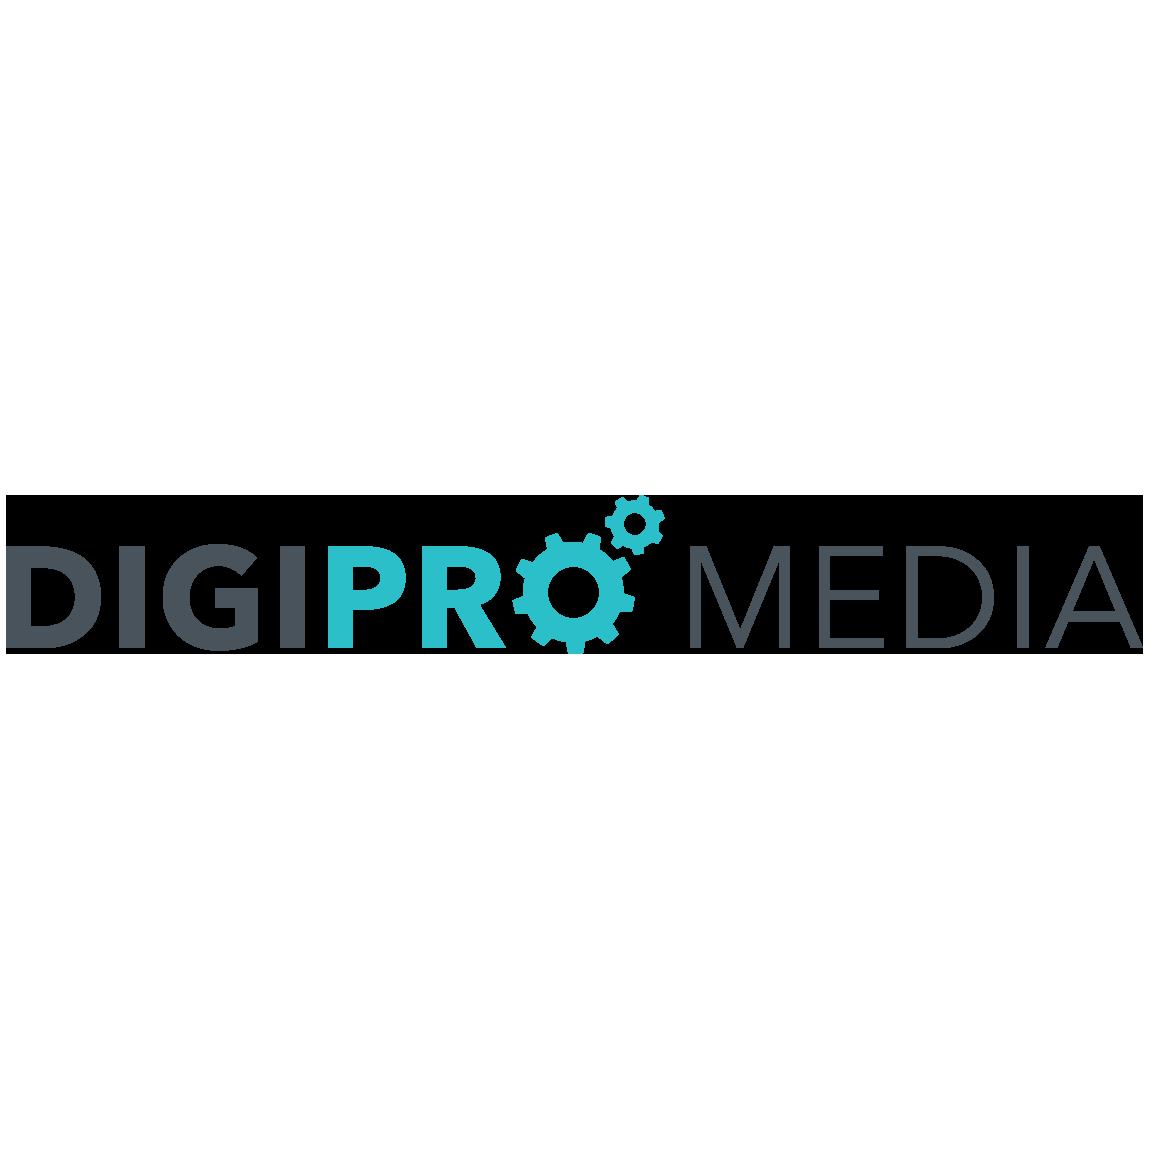 DigiPro Media